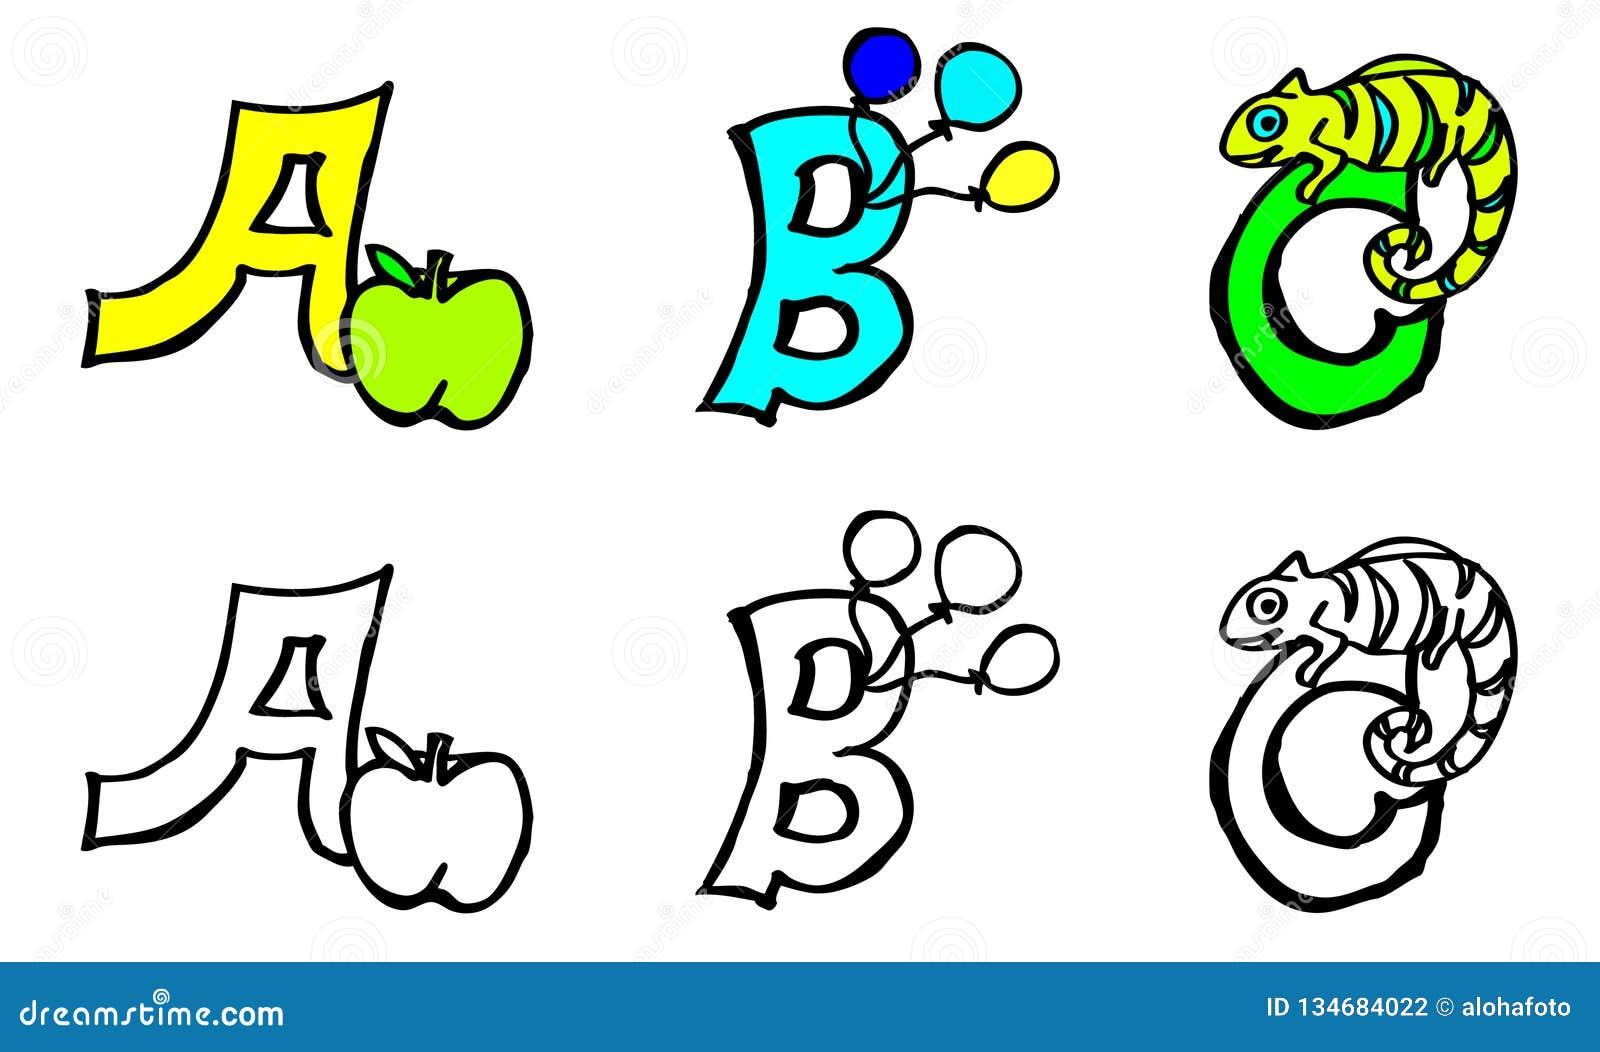 Coloriage En Anglais.Partie Lettres De Livre De Coloriage De B C Avec Des Images En